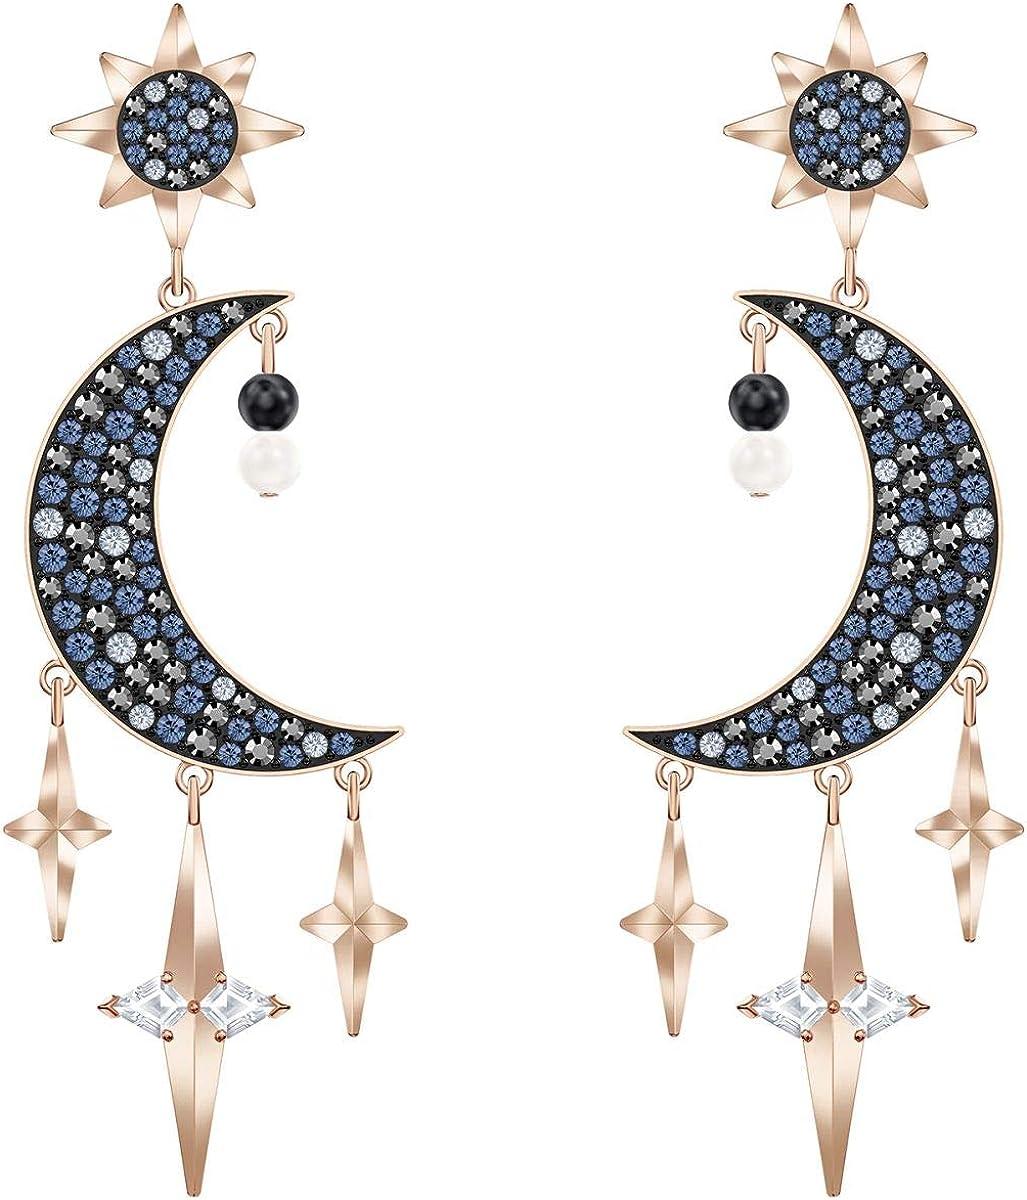 Swarovski - Pendientes de perlas de cristal simbólico auténtico, varios colores, acabado metálico